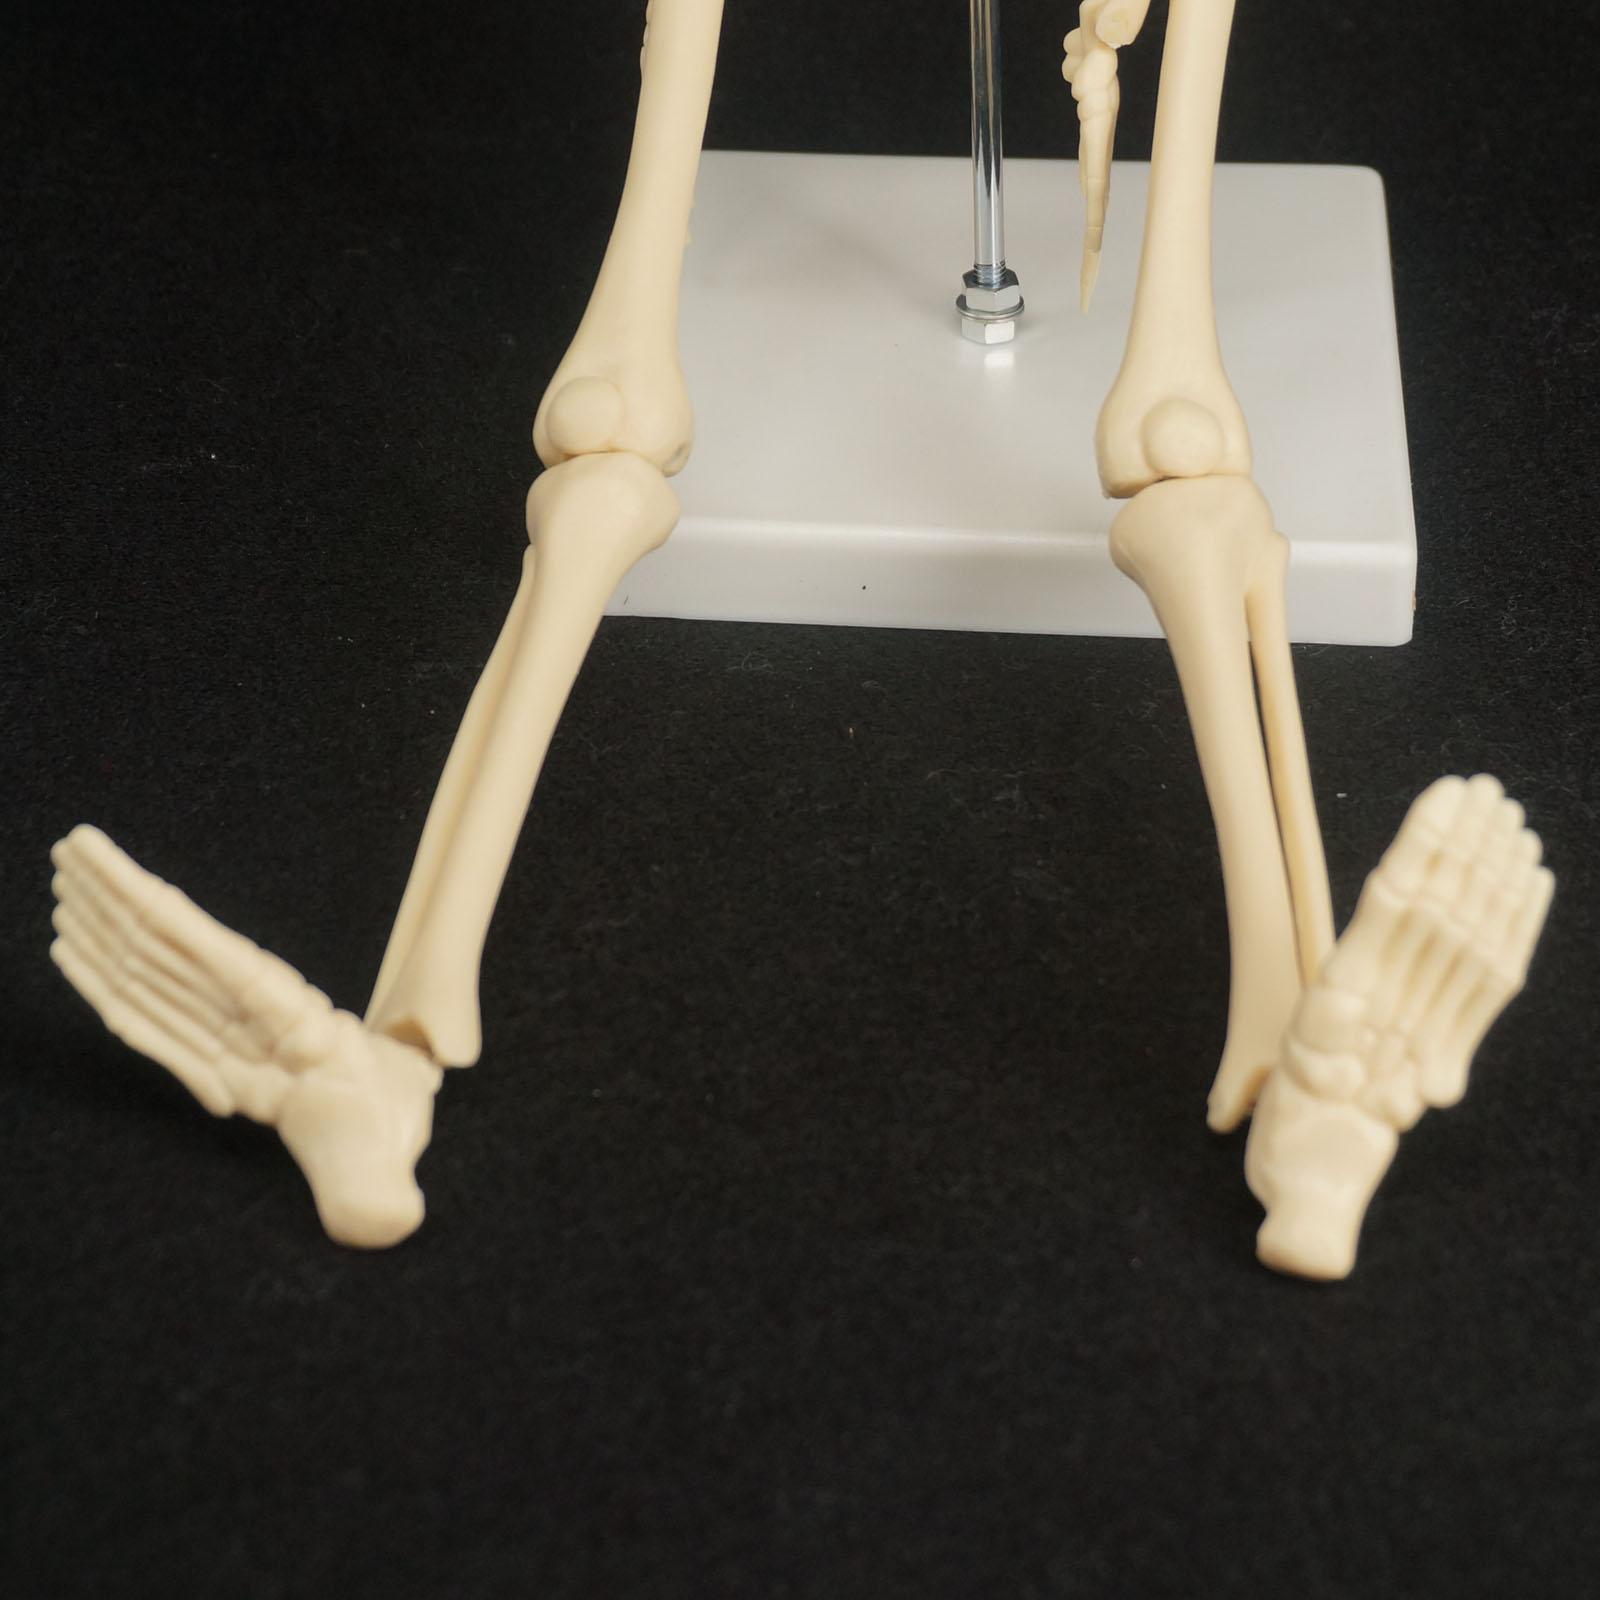 Berühmt Anatomie Hilfe Zeitgenössisch - Menschliche Anatomie Bilder ...